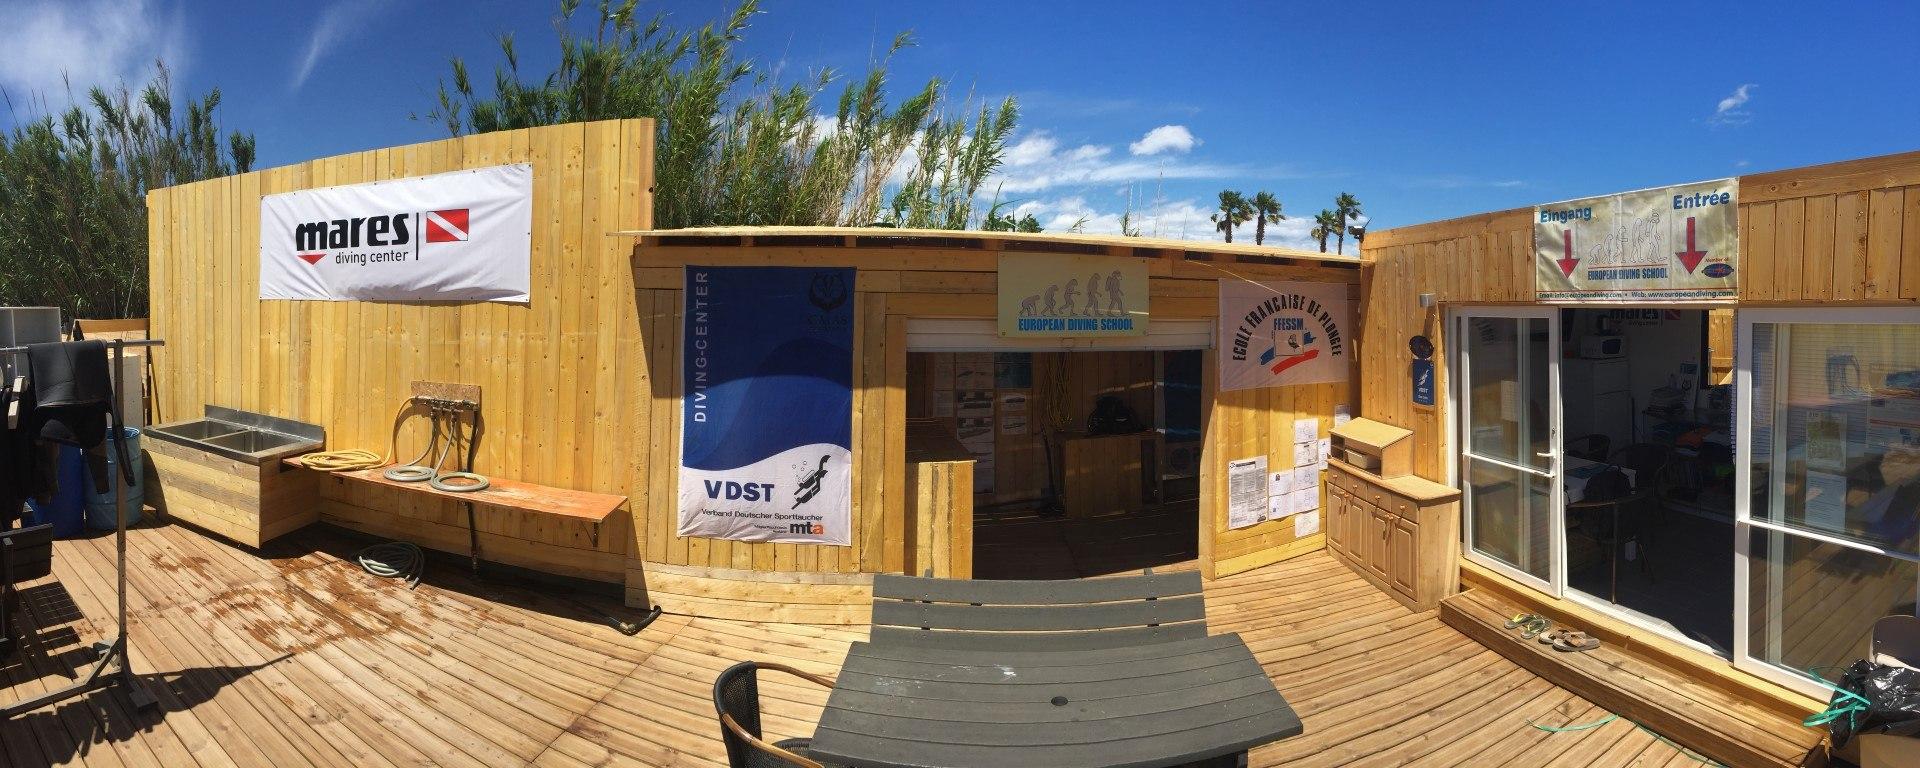 EDS Saint Tropez Large - European Diving School